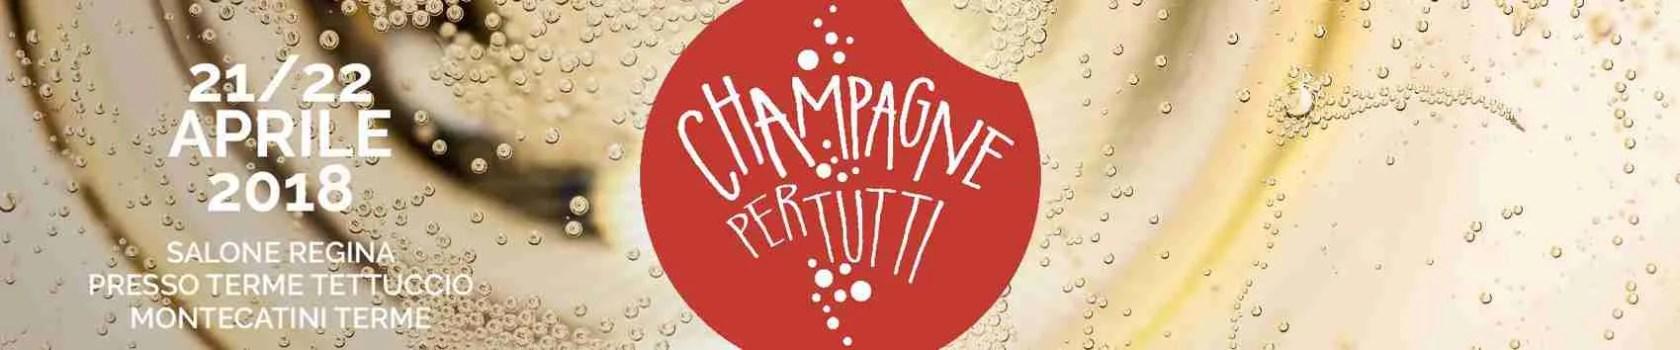 Champagne per tutti. La manifestazione dedicata allo champagne di Montecatini Terme (PT). Magica Escort